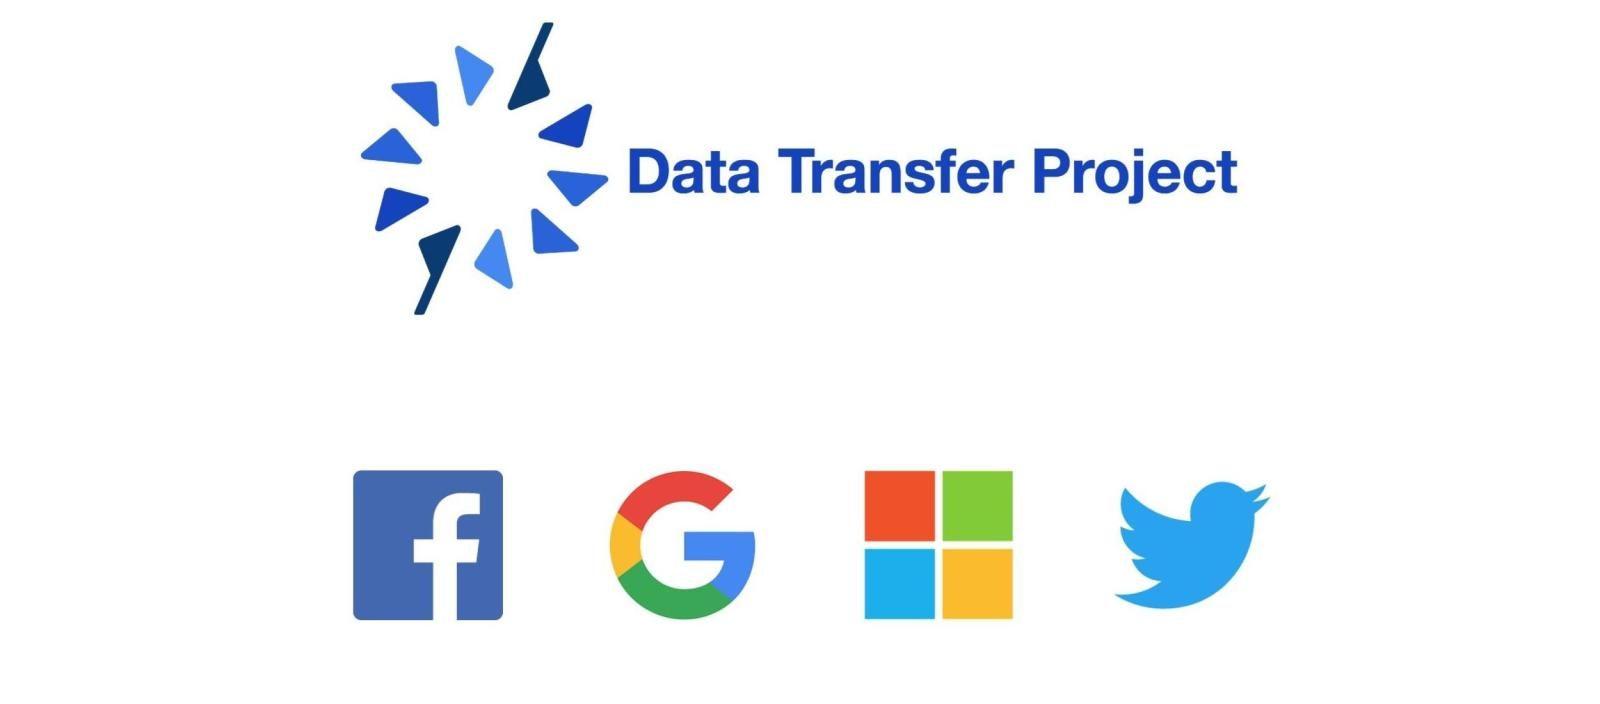 Facebook, Microsoft, Google e Twitter trabalhando juntos? em que?